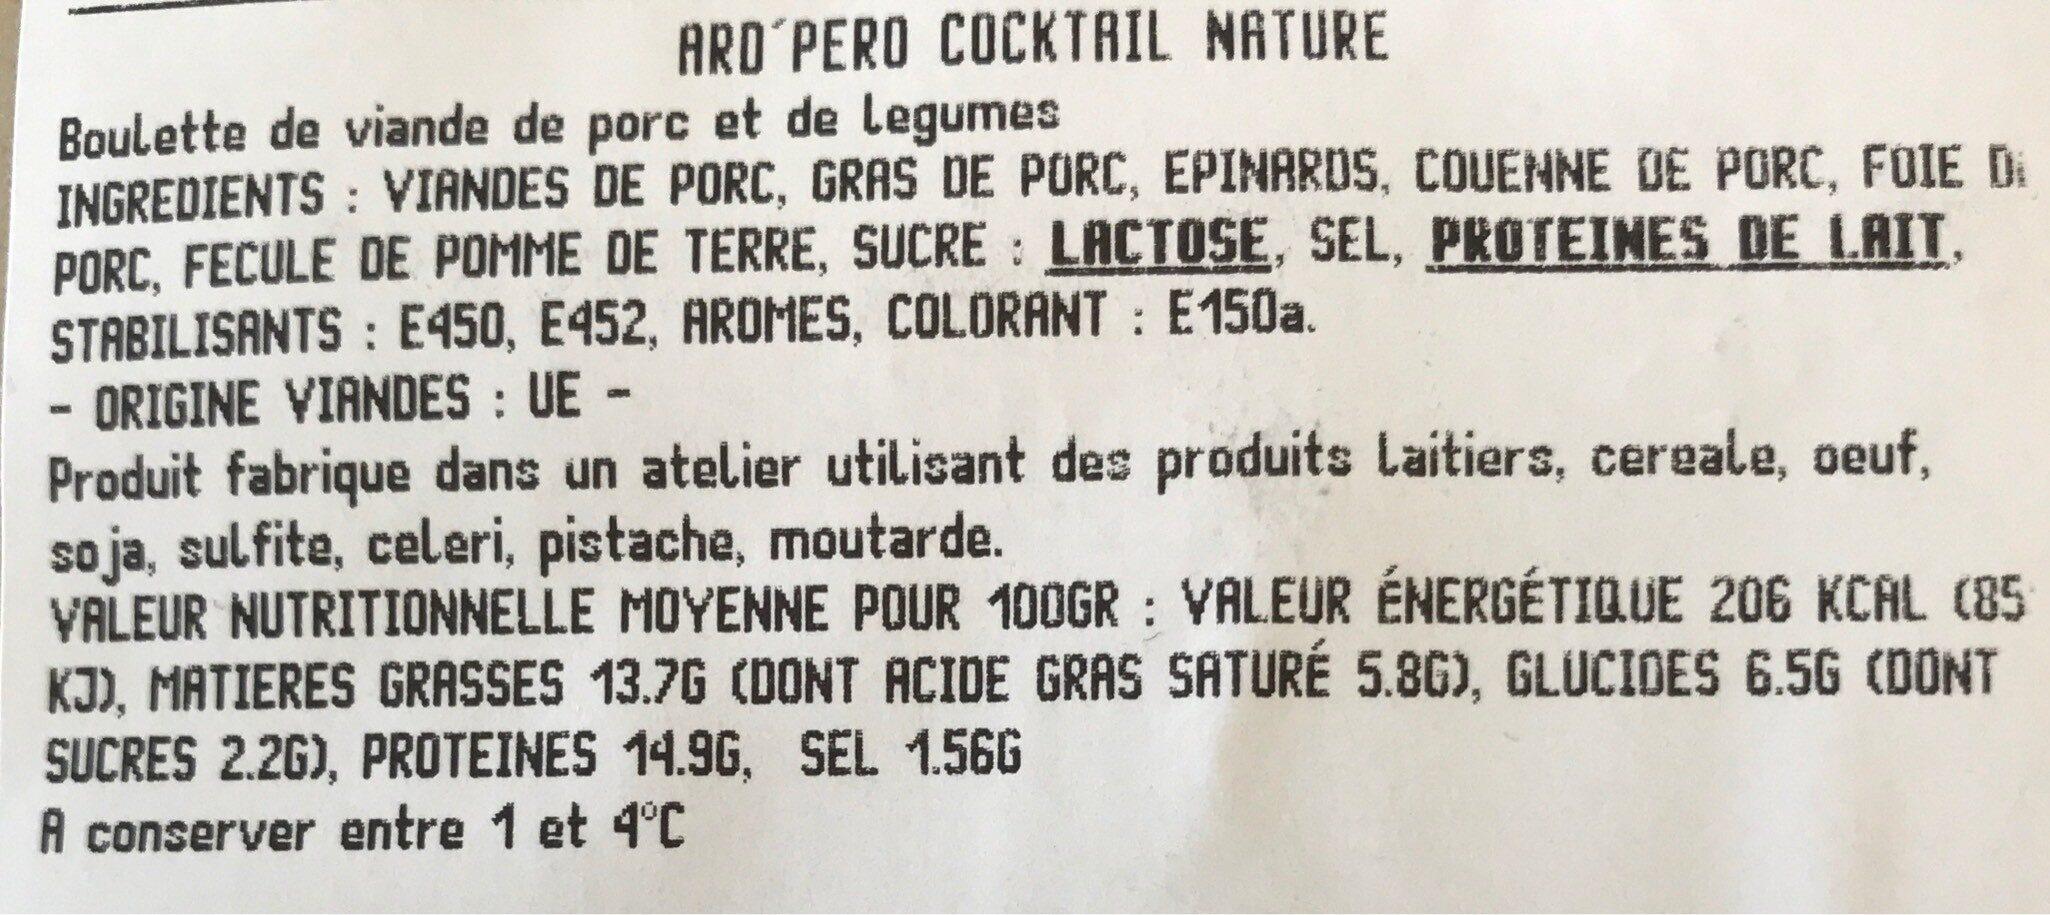 LES ARD'PERO - Informations nutritionnelles - fr